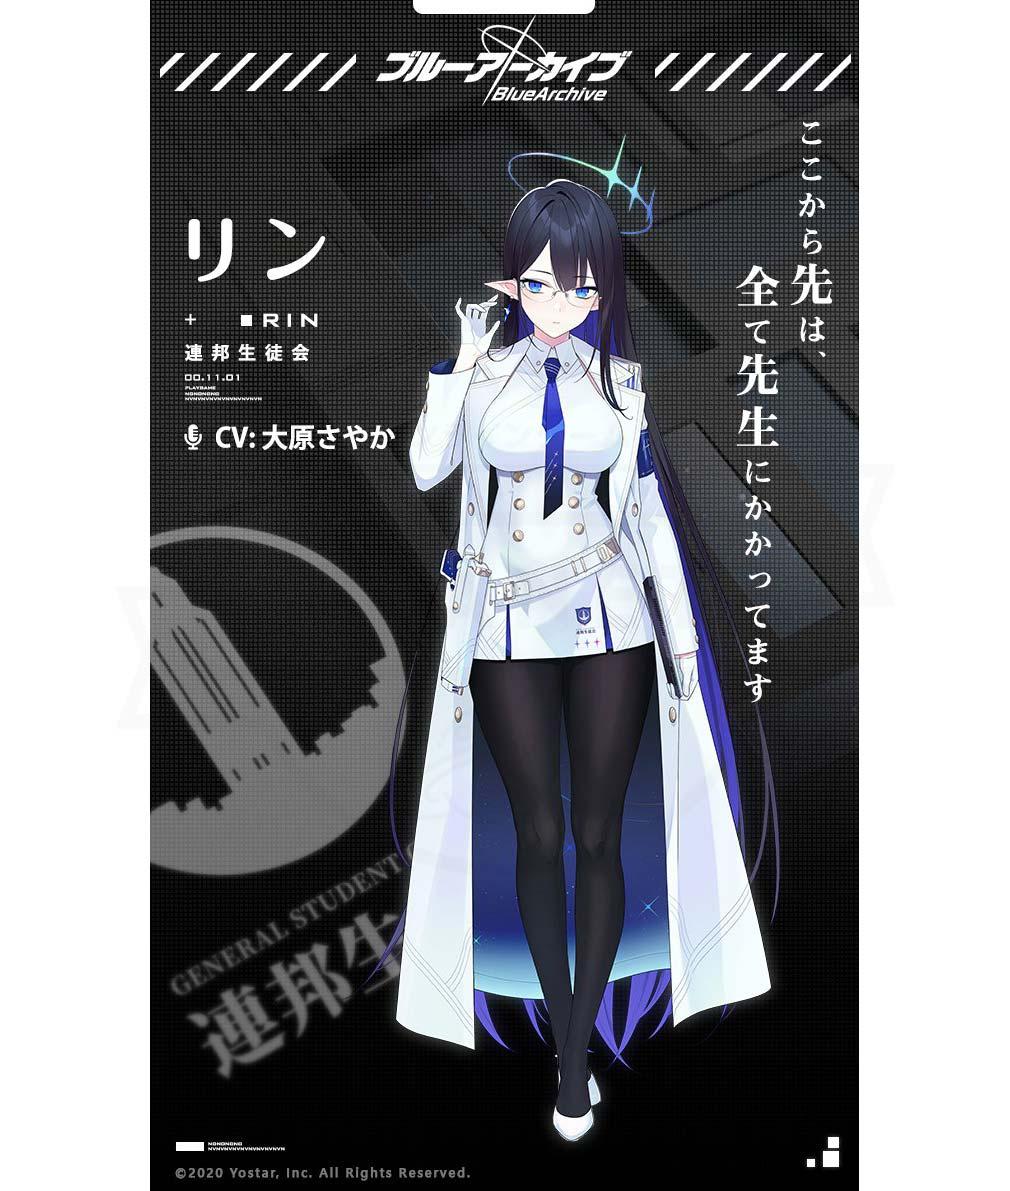 ブルーアーカイブ -Blue Archive-(ブルアカ) キャラクター『七神 リン』紹介イメージ